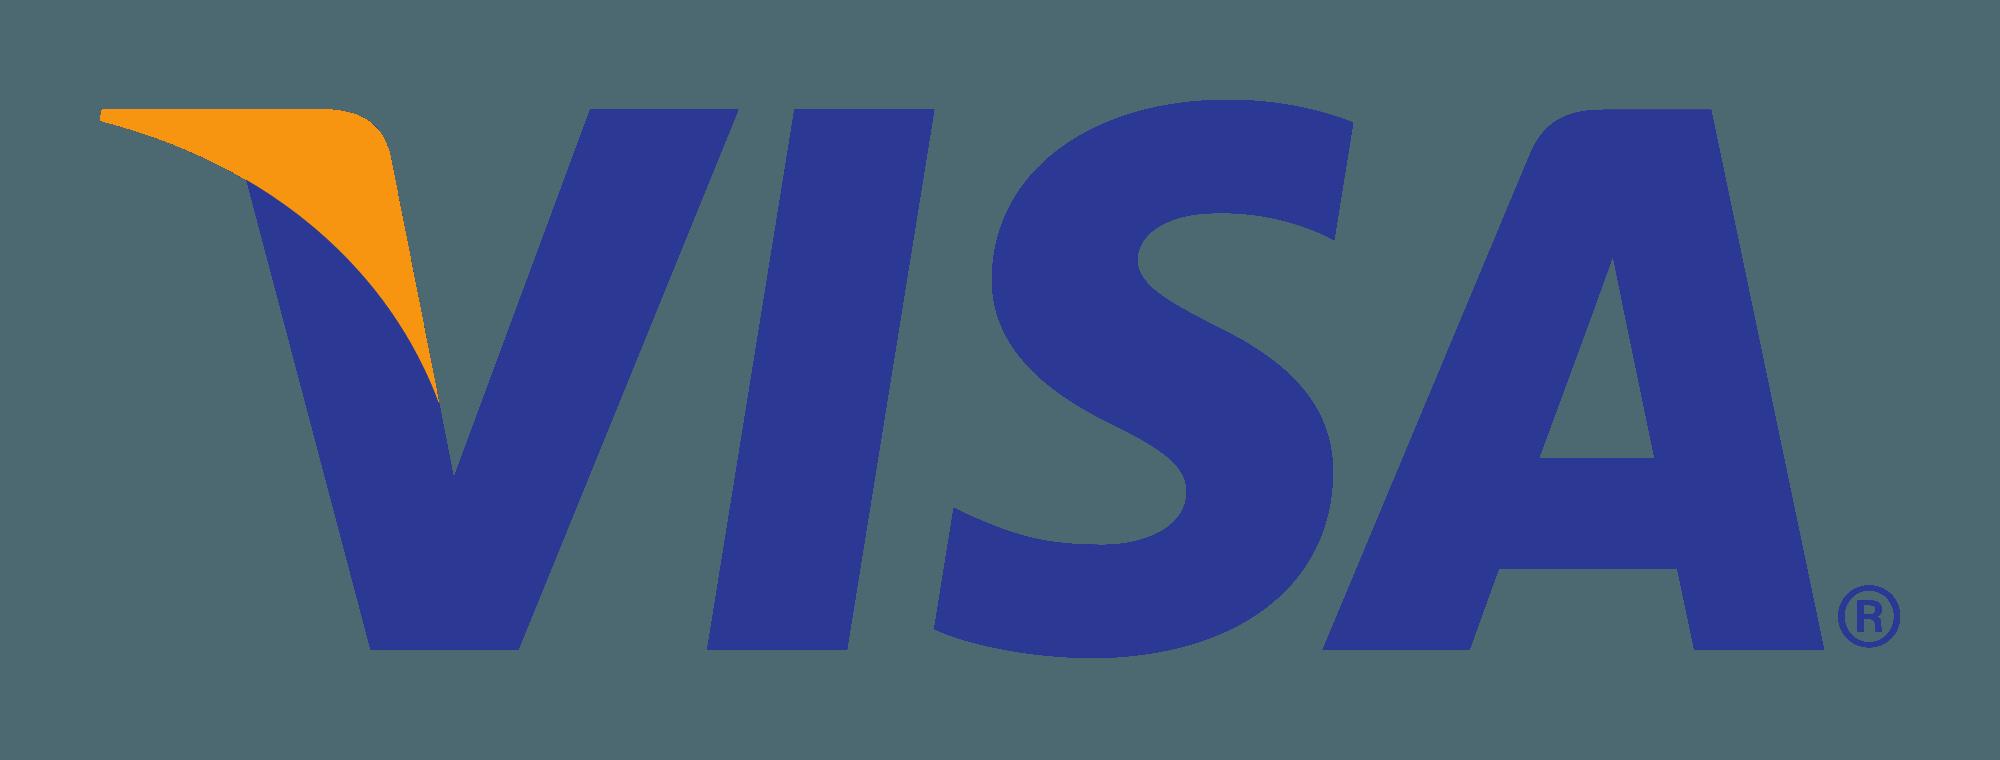 visa inc png #2022